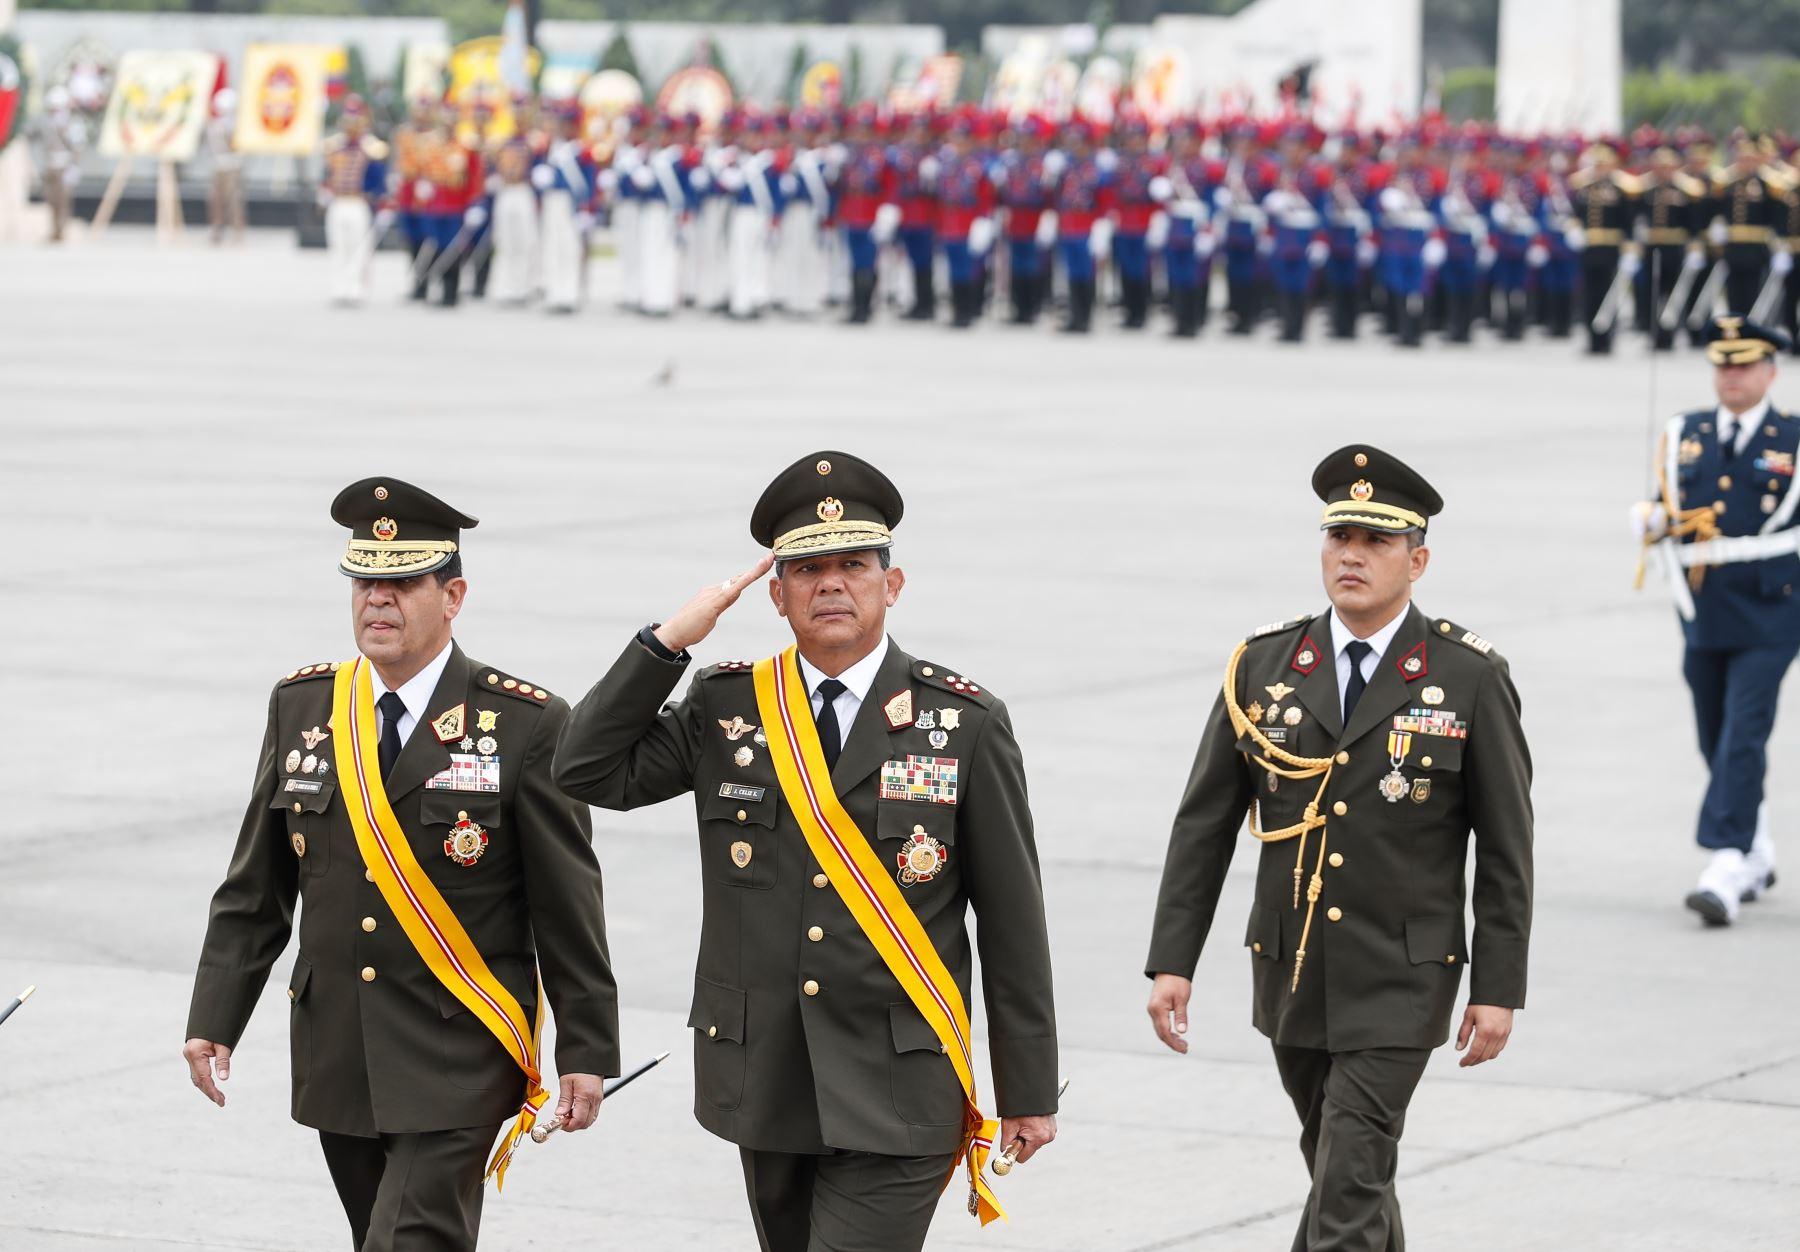 Comandante general del Ejército, general Jorge Orlando Céliz Kuong, participa en ceremonia por el Día del Ejército del Perú. Foto: ANDINA/Renato Pajuelo